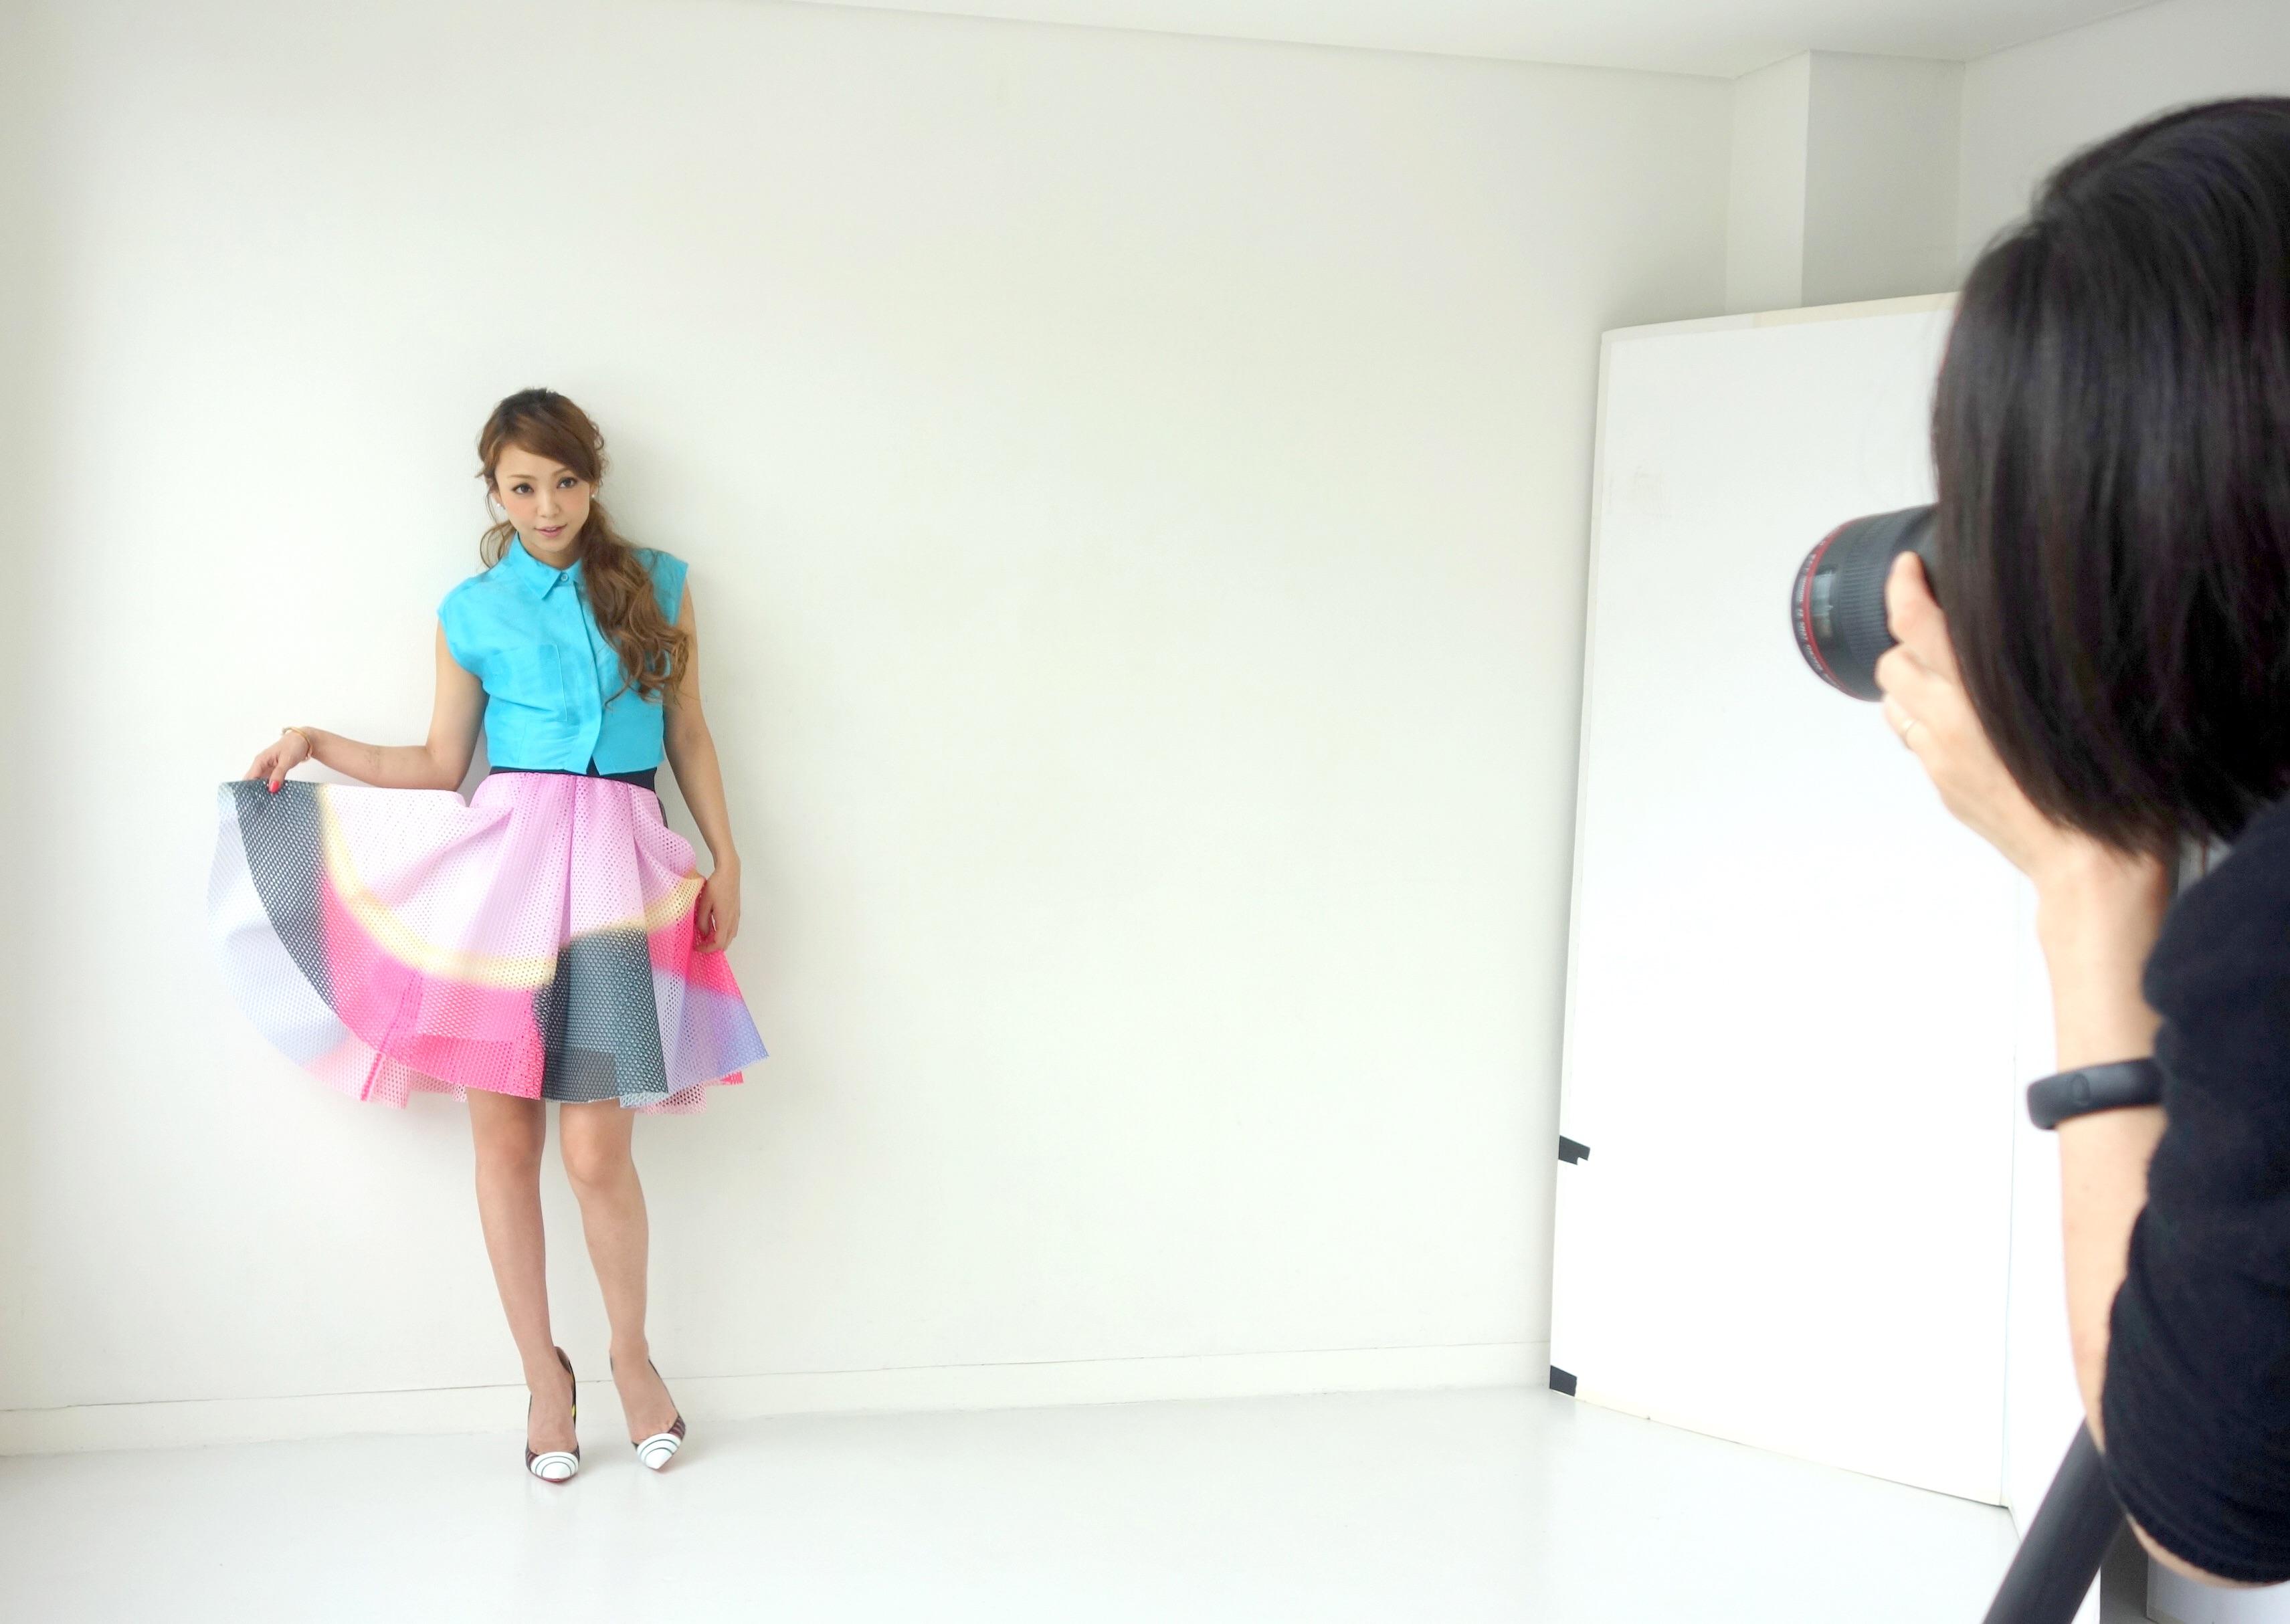 【オフショット】安室奈美恵さんの夏ファッションって!?_1